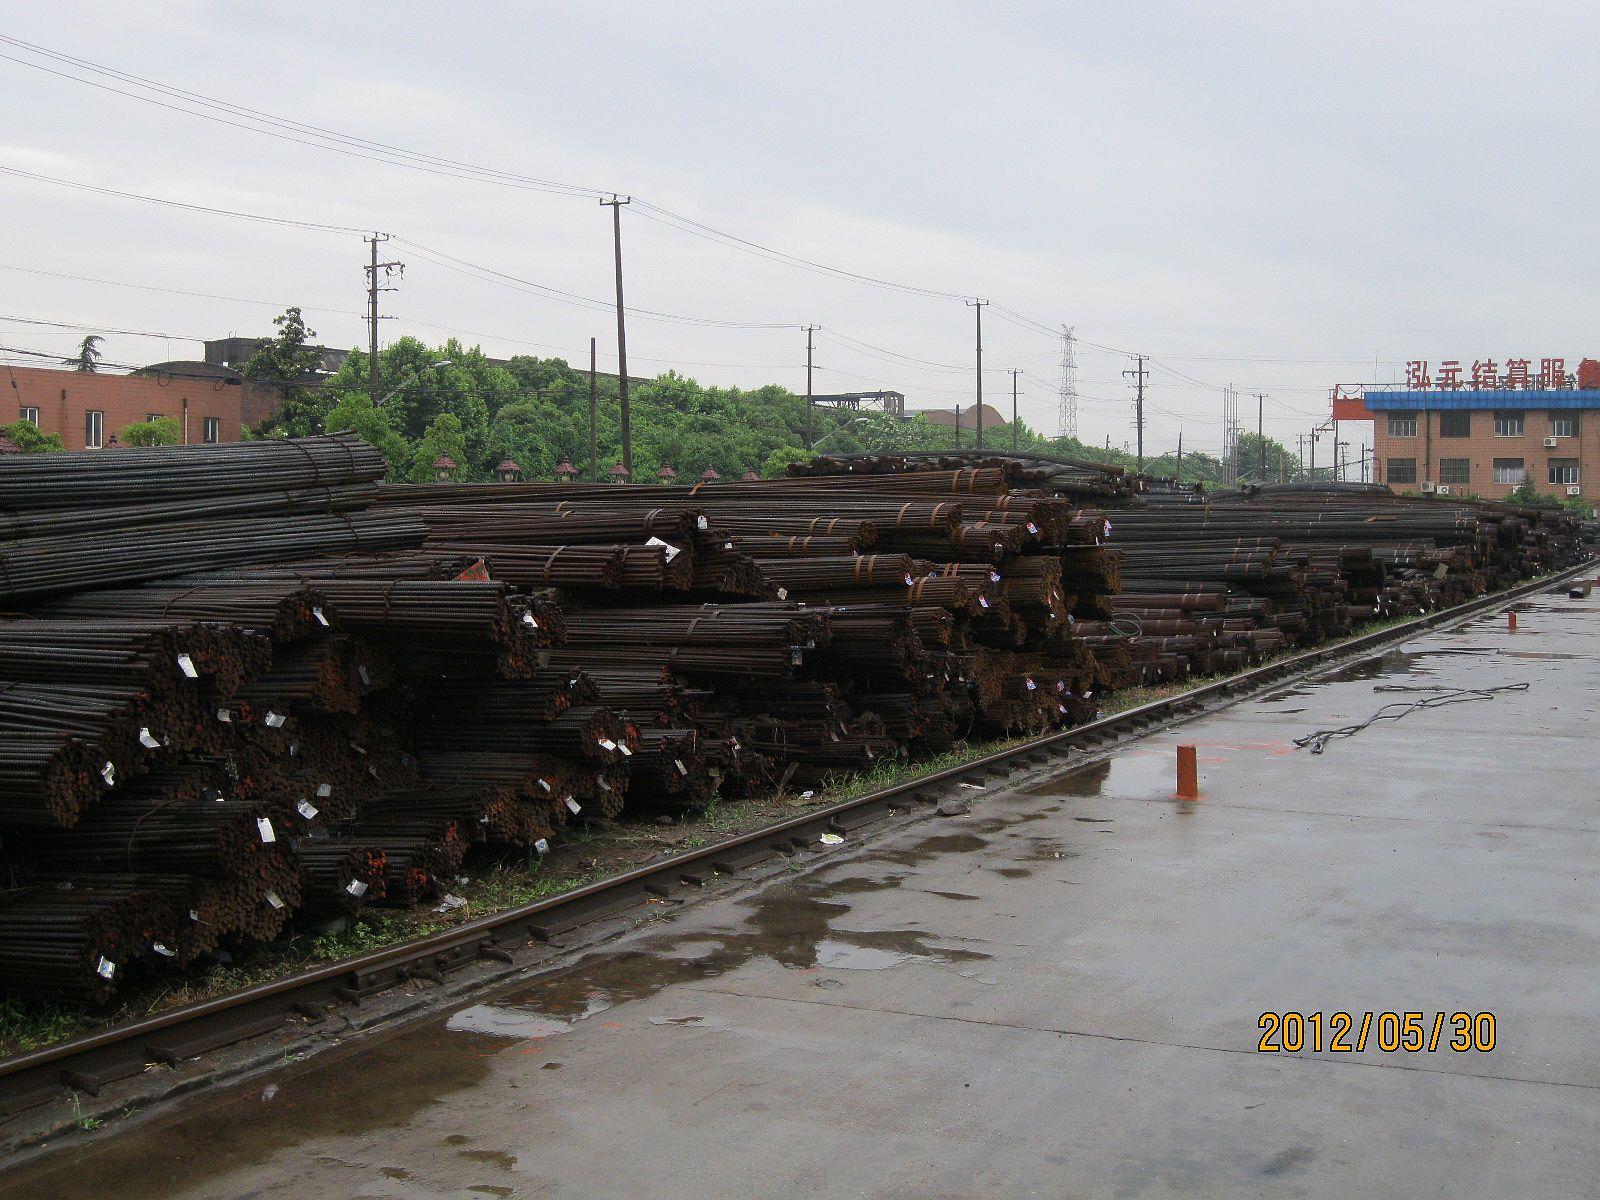 上海地区/A仓库:螺纹的量本周增加了,增加的量大概有640吨左右,总体...